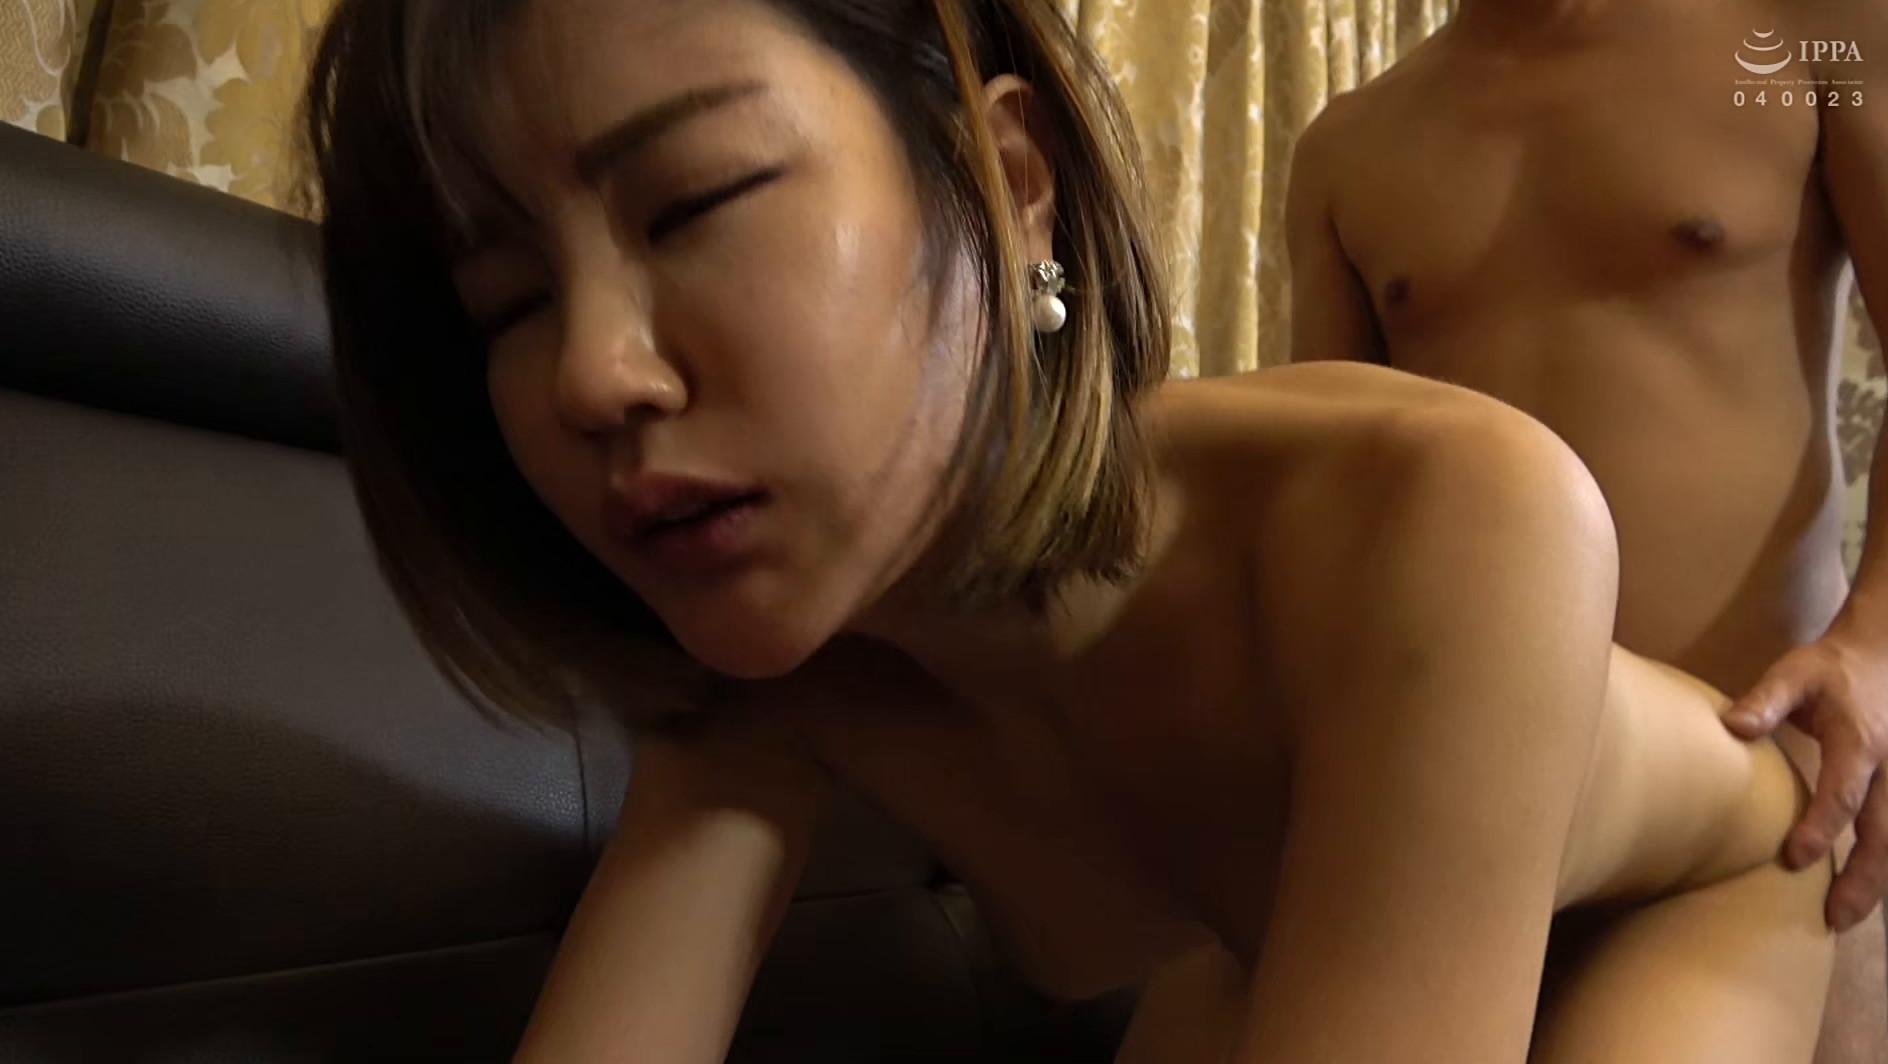 まるで設定6のスロットみたい!韓国で遭遇したヤリマン美女!セックスが好き過ぎて日本人のペニスに興味津々!圧倒的な美脚騎乗位でザー汁を絞り出されてスッキリ! 画像11